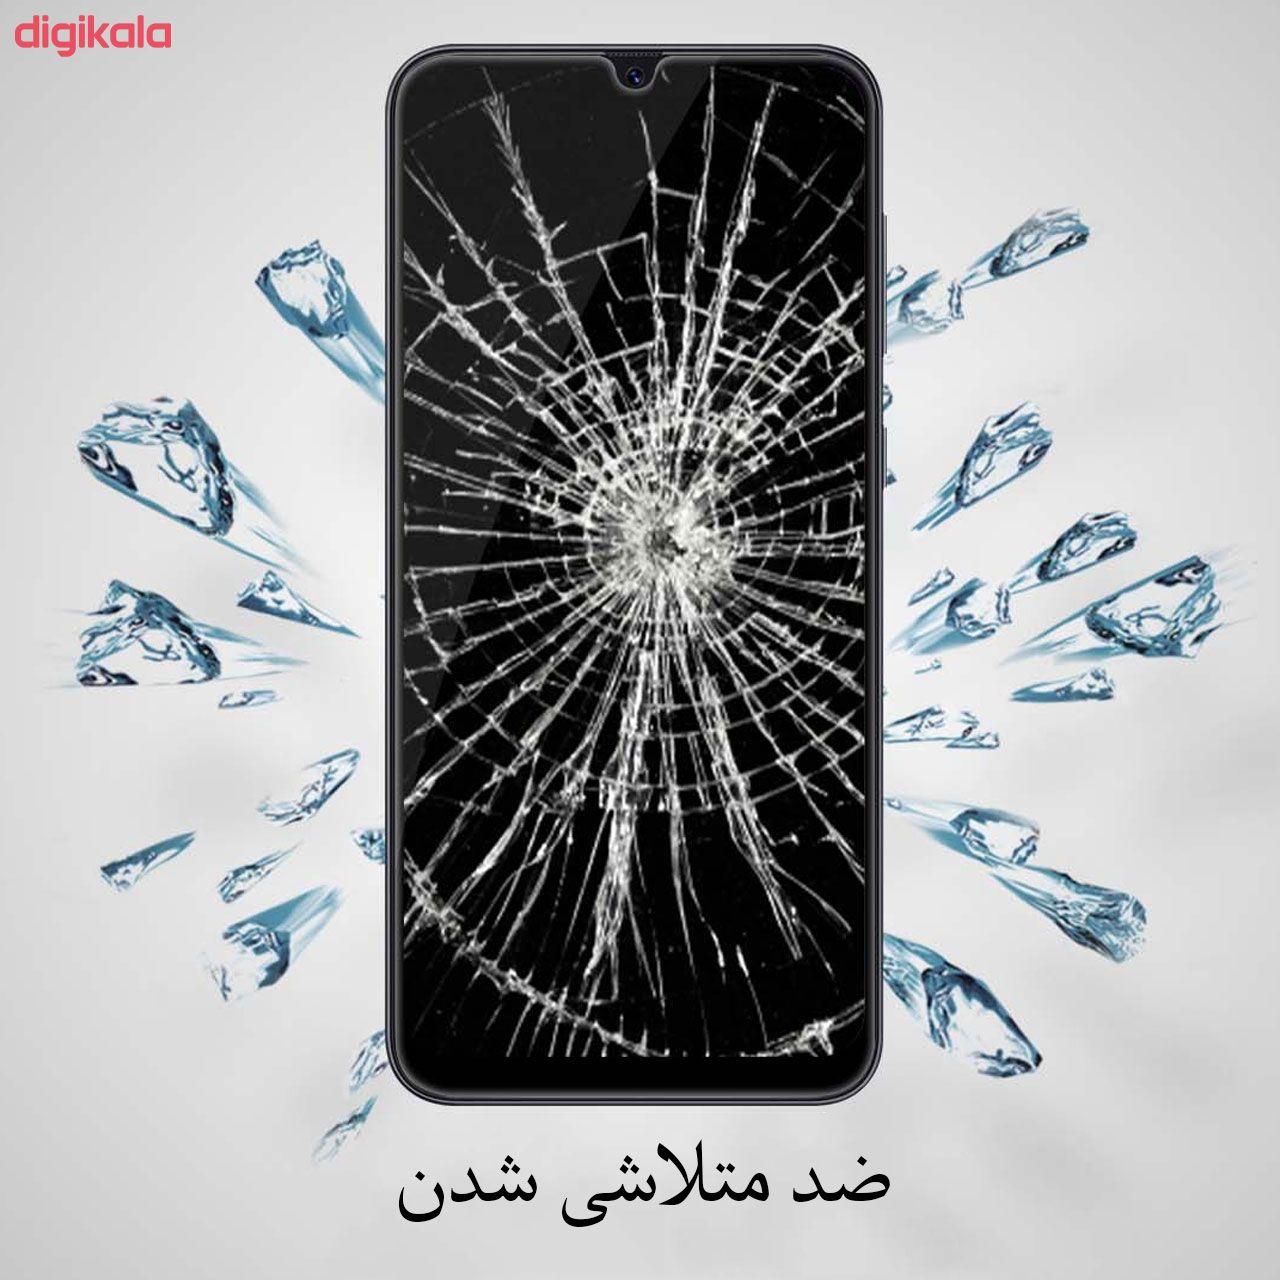 محافظ صفحه نمایش مدل FCG مناسب برای گوشی موبایل سامسونگ Galaxy A50 main 1 6